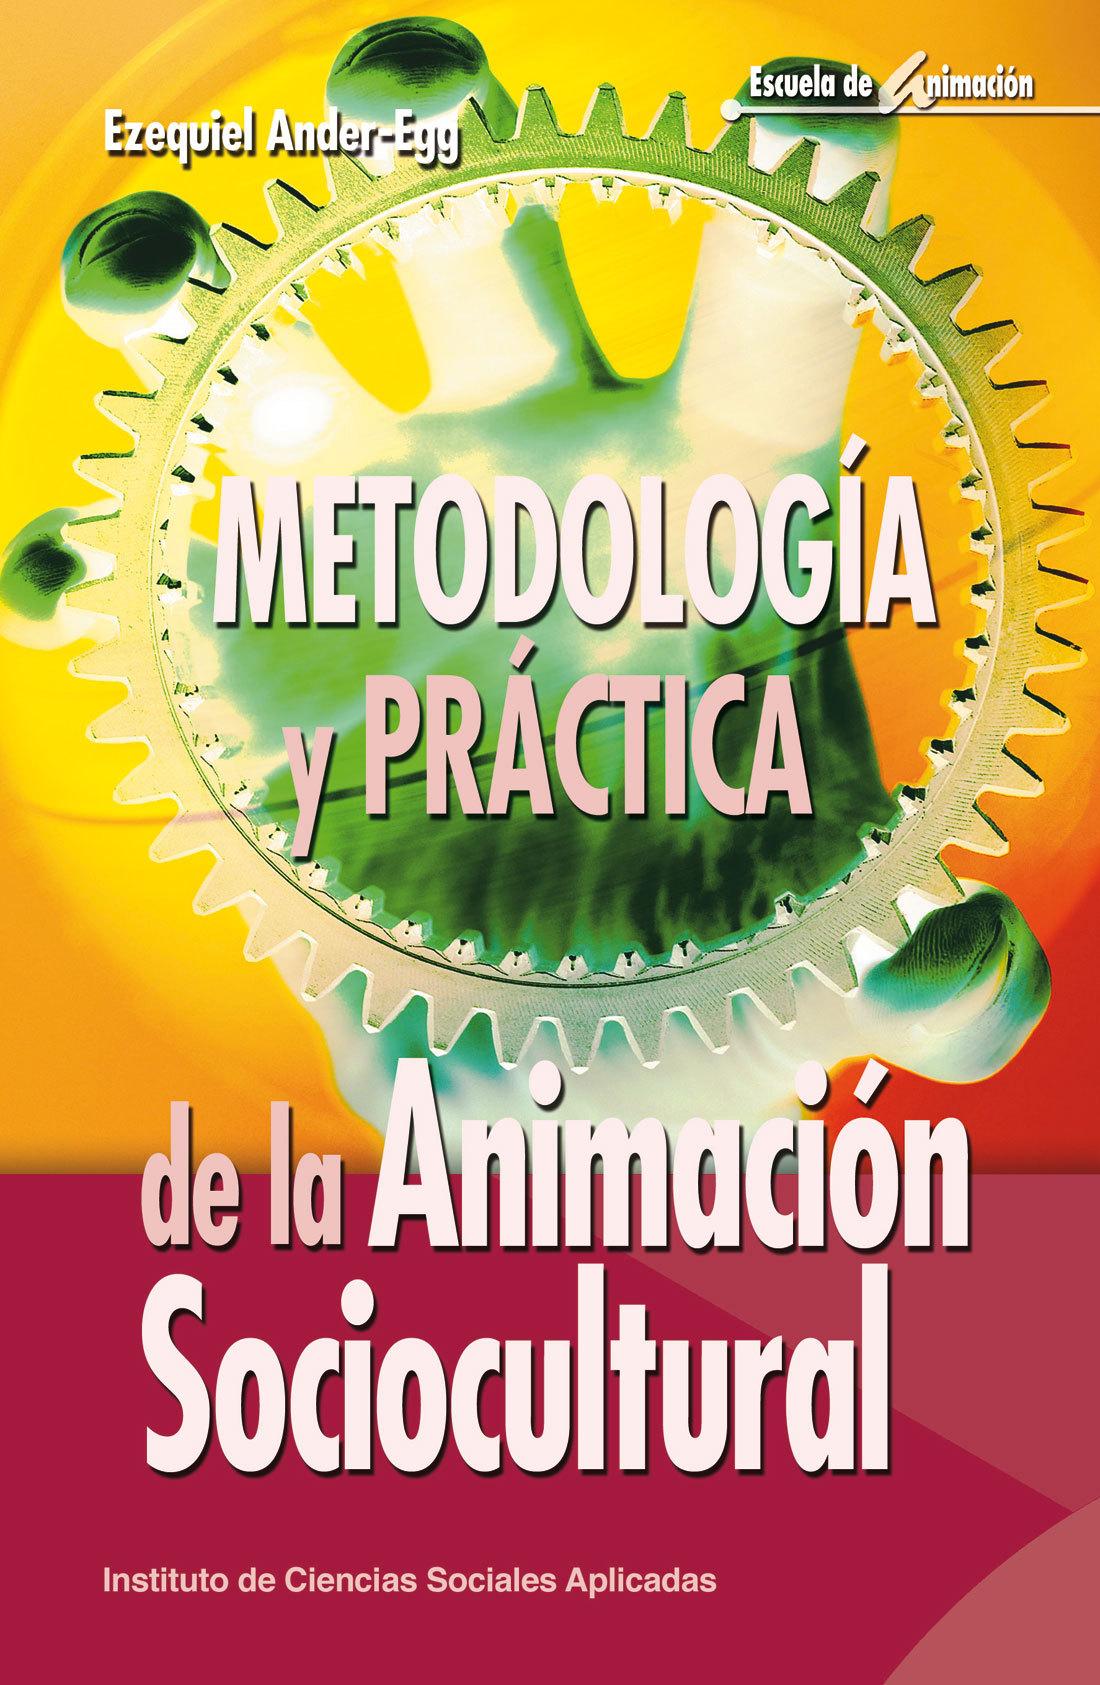 METODOLOGIA Y PRACTICA DE LA ANIMACION SOCIOCULTURAL